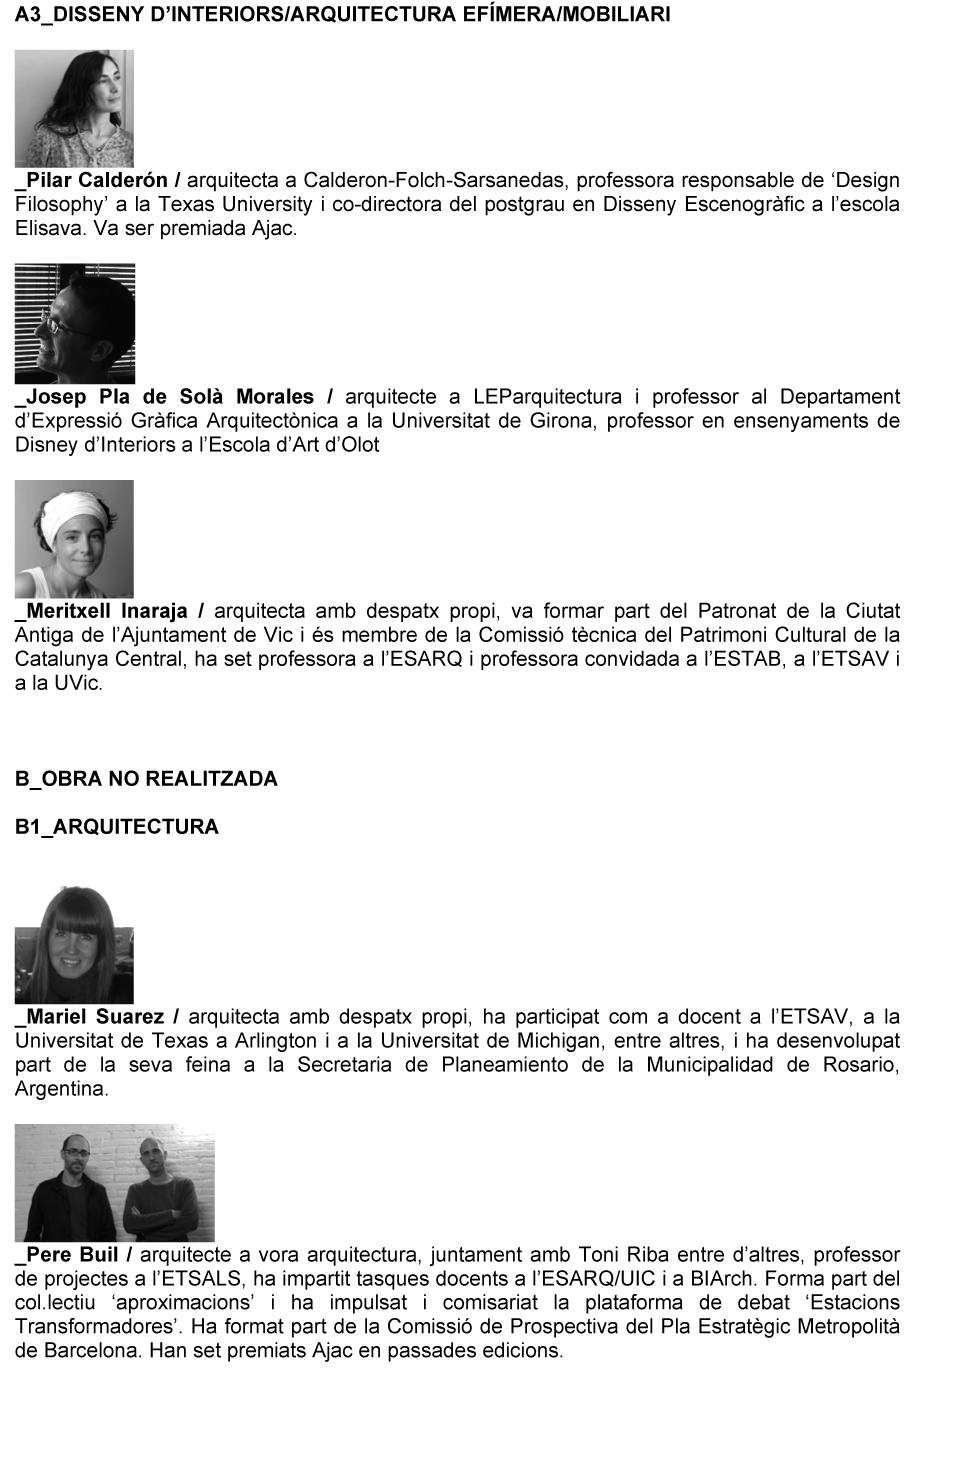 JURAT DELS PREMIS AJAC IXOCTUBRE DE 2014-2